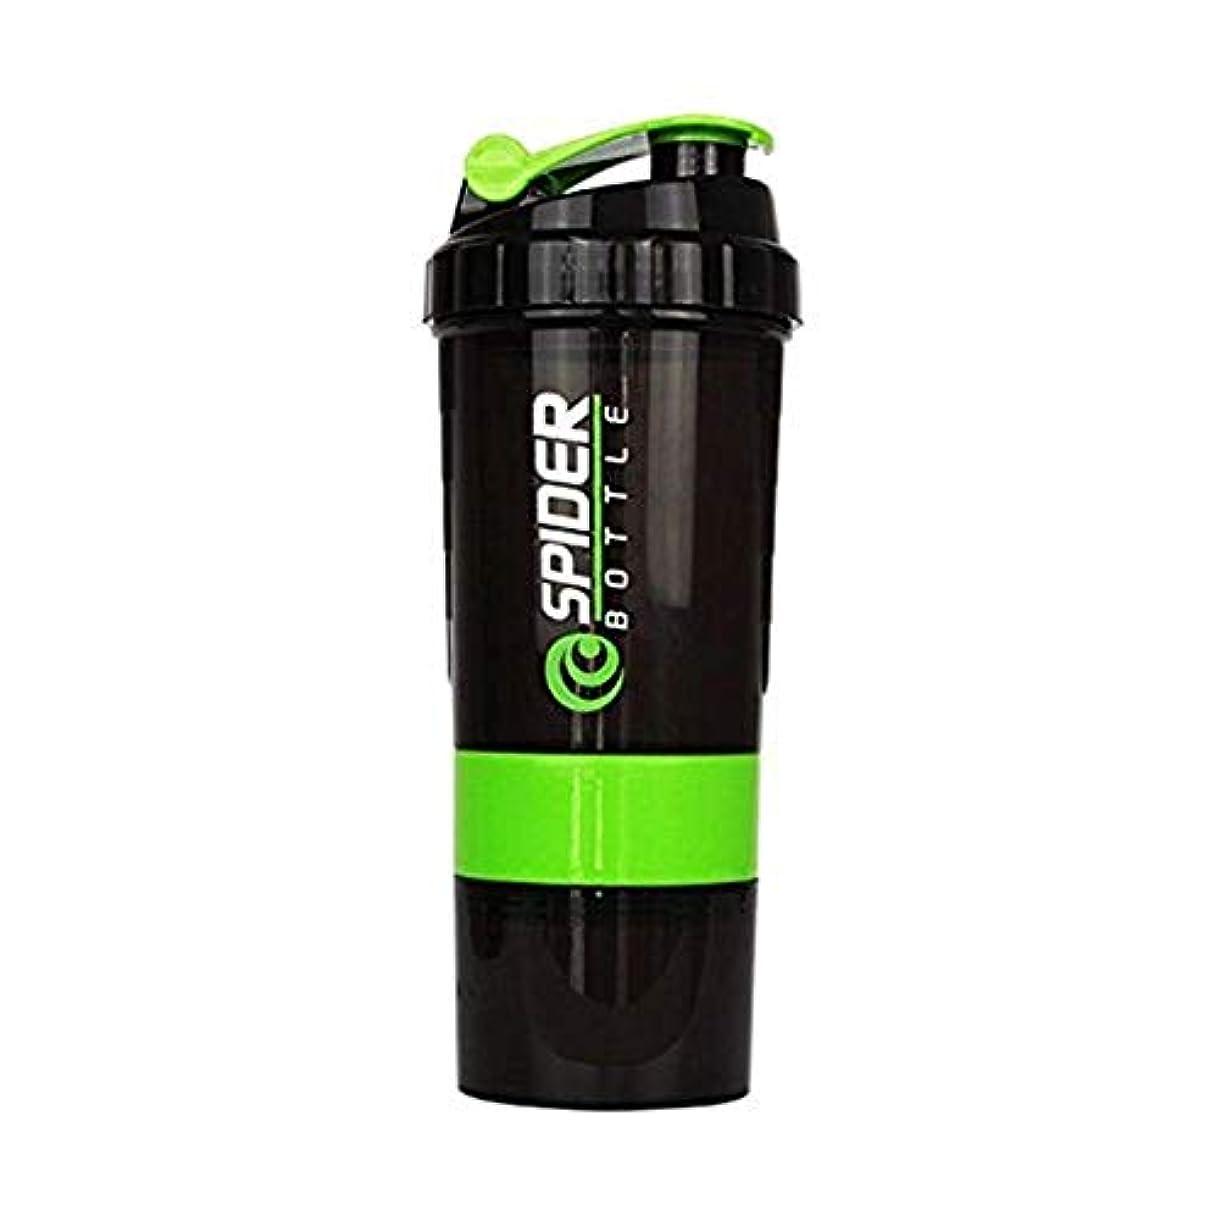 ノミネート食欲あるプロテインシェイカー シェーカーボトル フィットネス用 グリーン 500ml